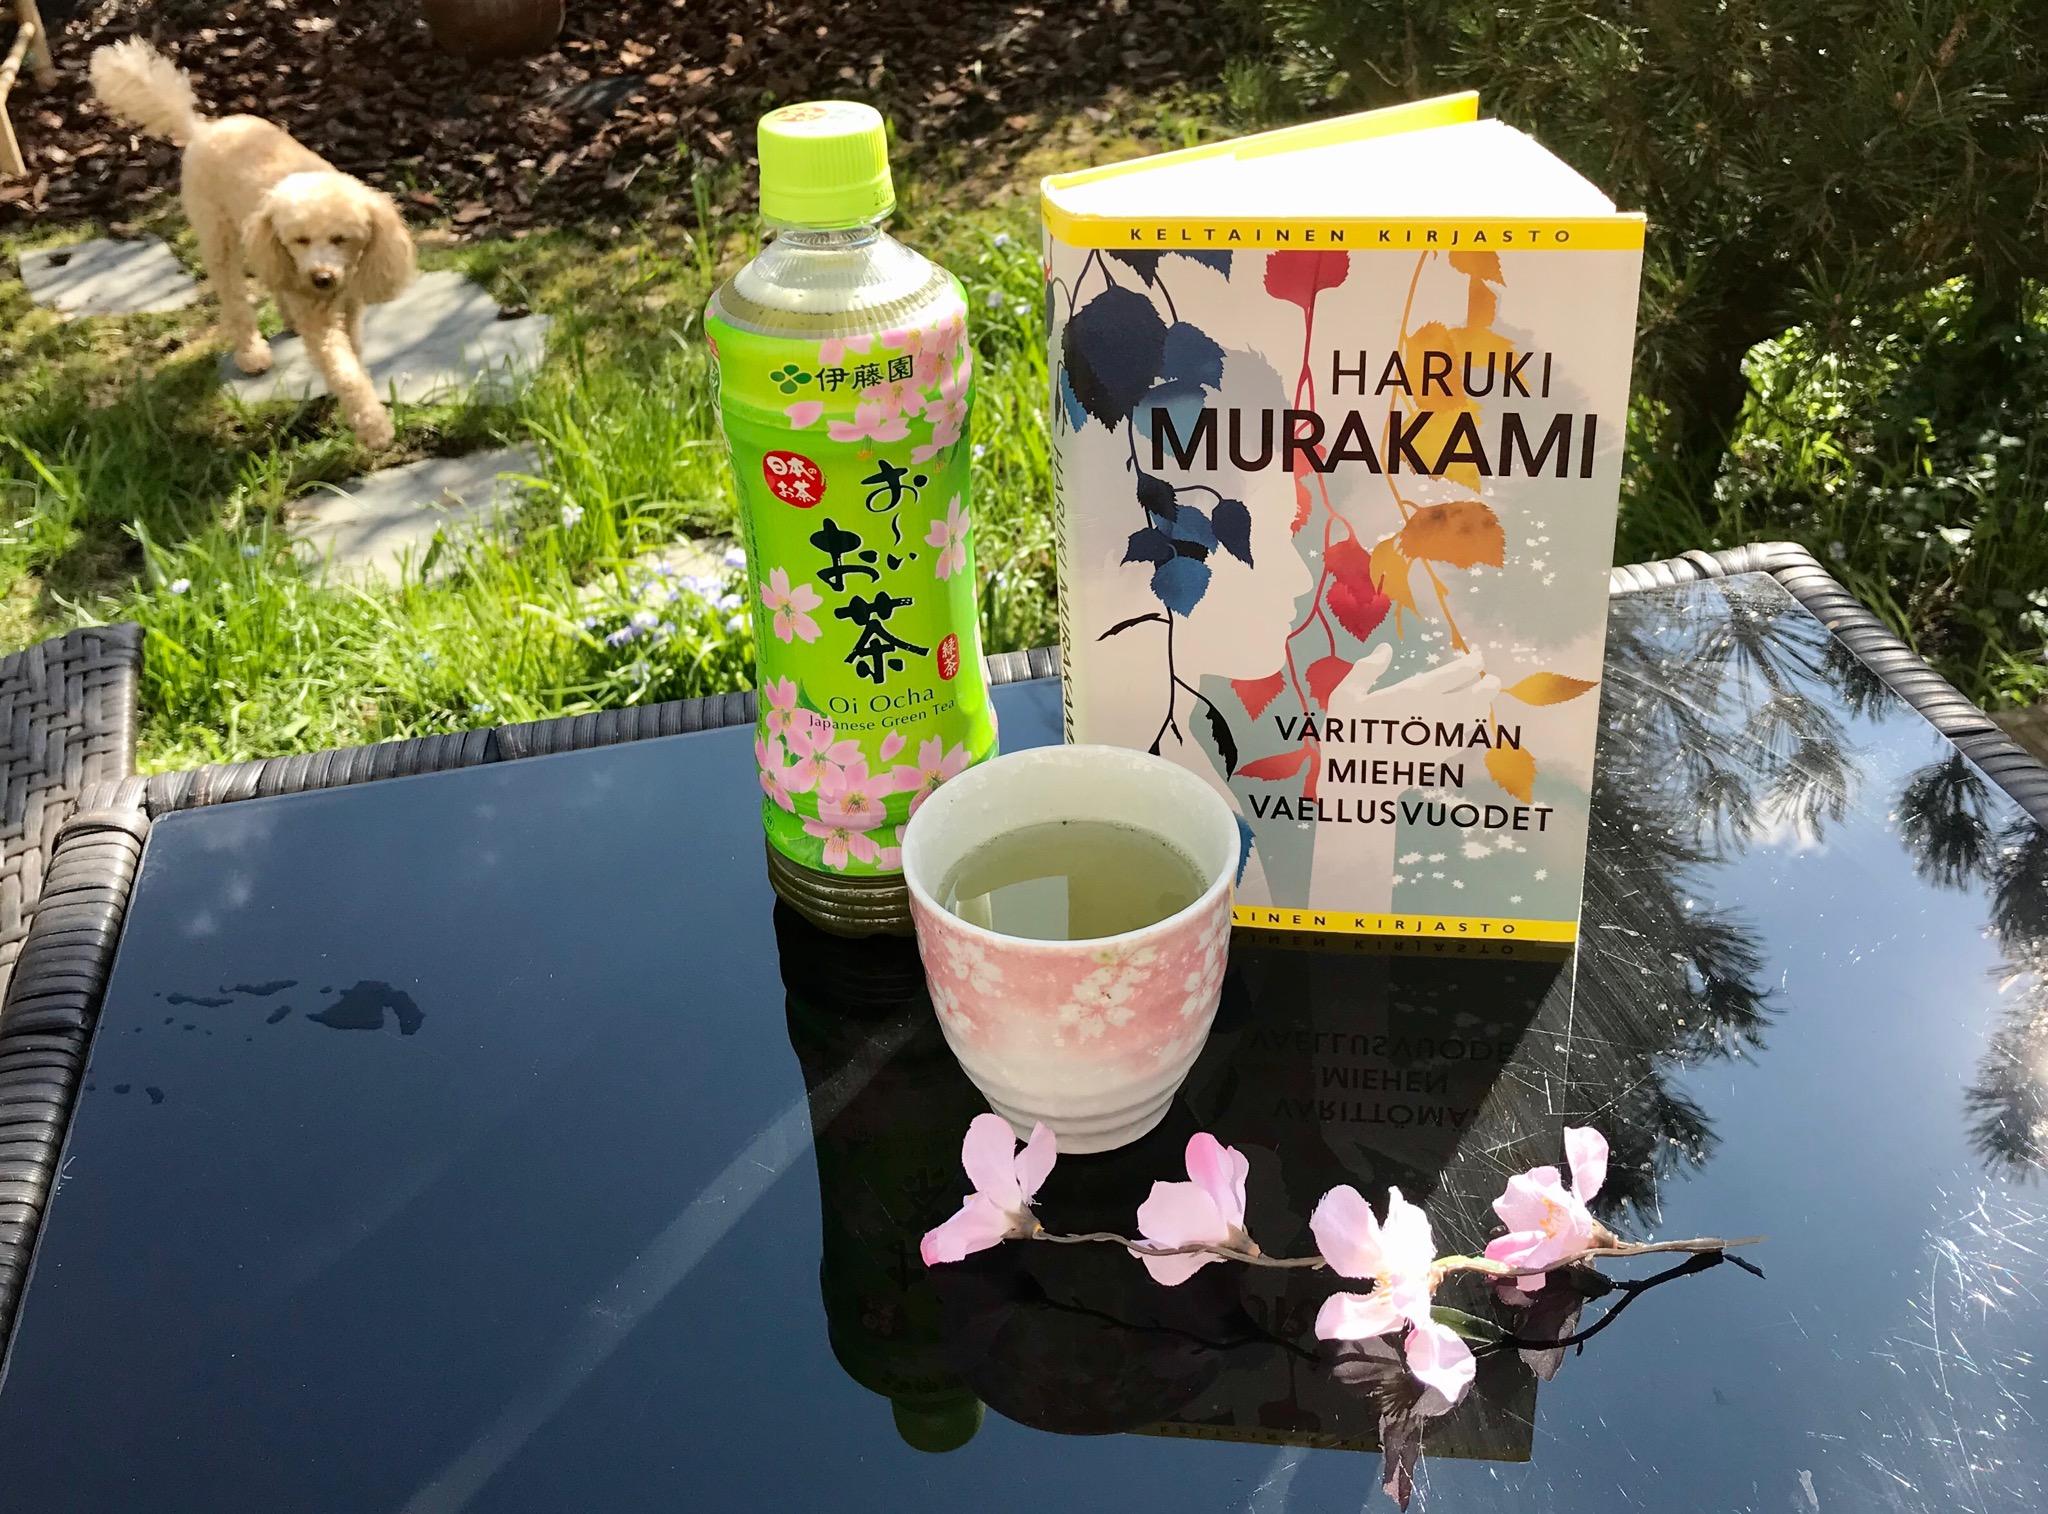 Murakami maistuu sisällä ja ulkona. Kuva: Siru Valleala.